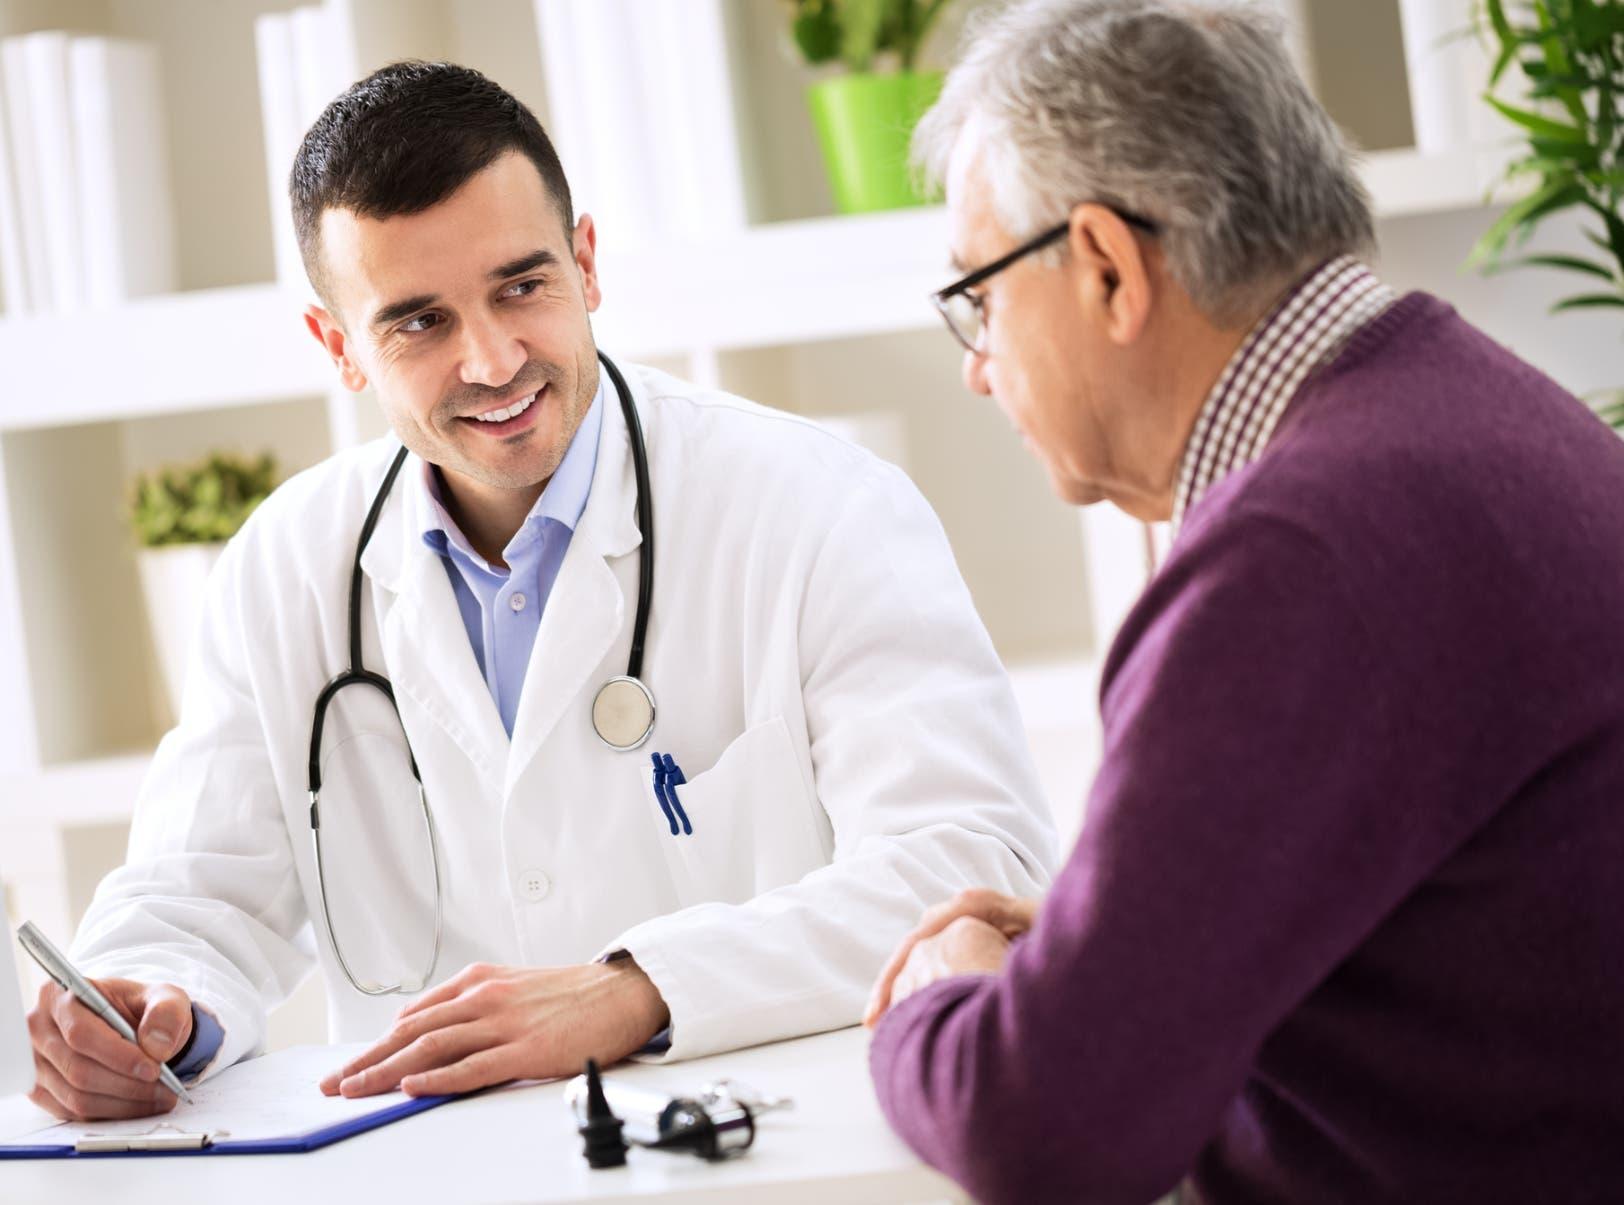 En unas  4 horas, al paciente se le realizan todas las pruebas diagnósticas y evaluaciones físicas  para el monitoreo de su salud.